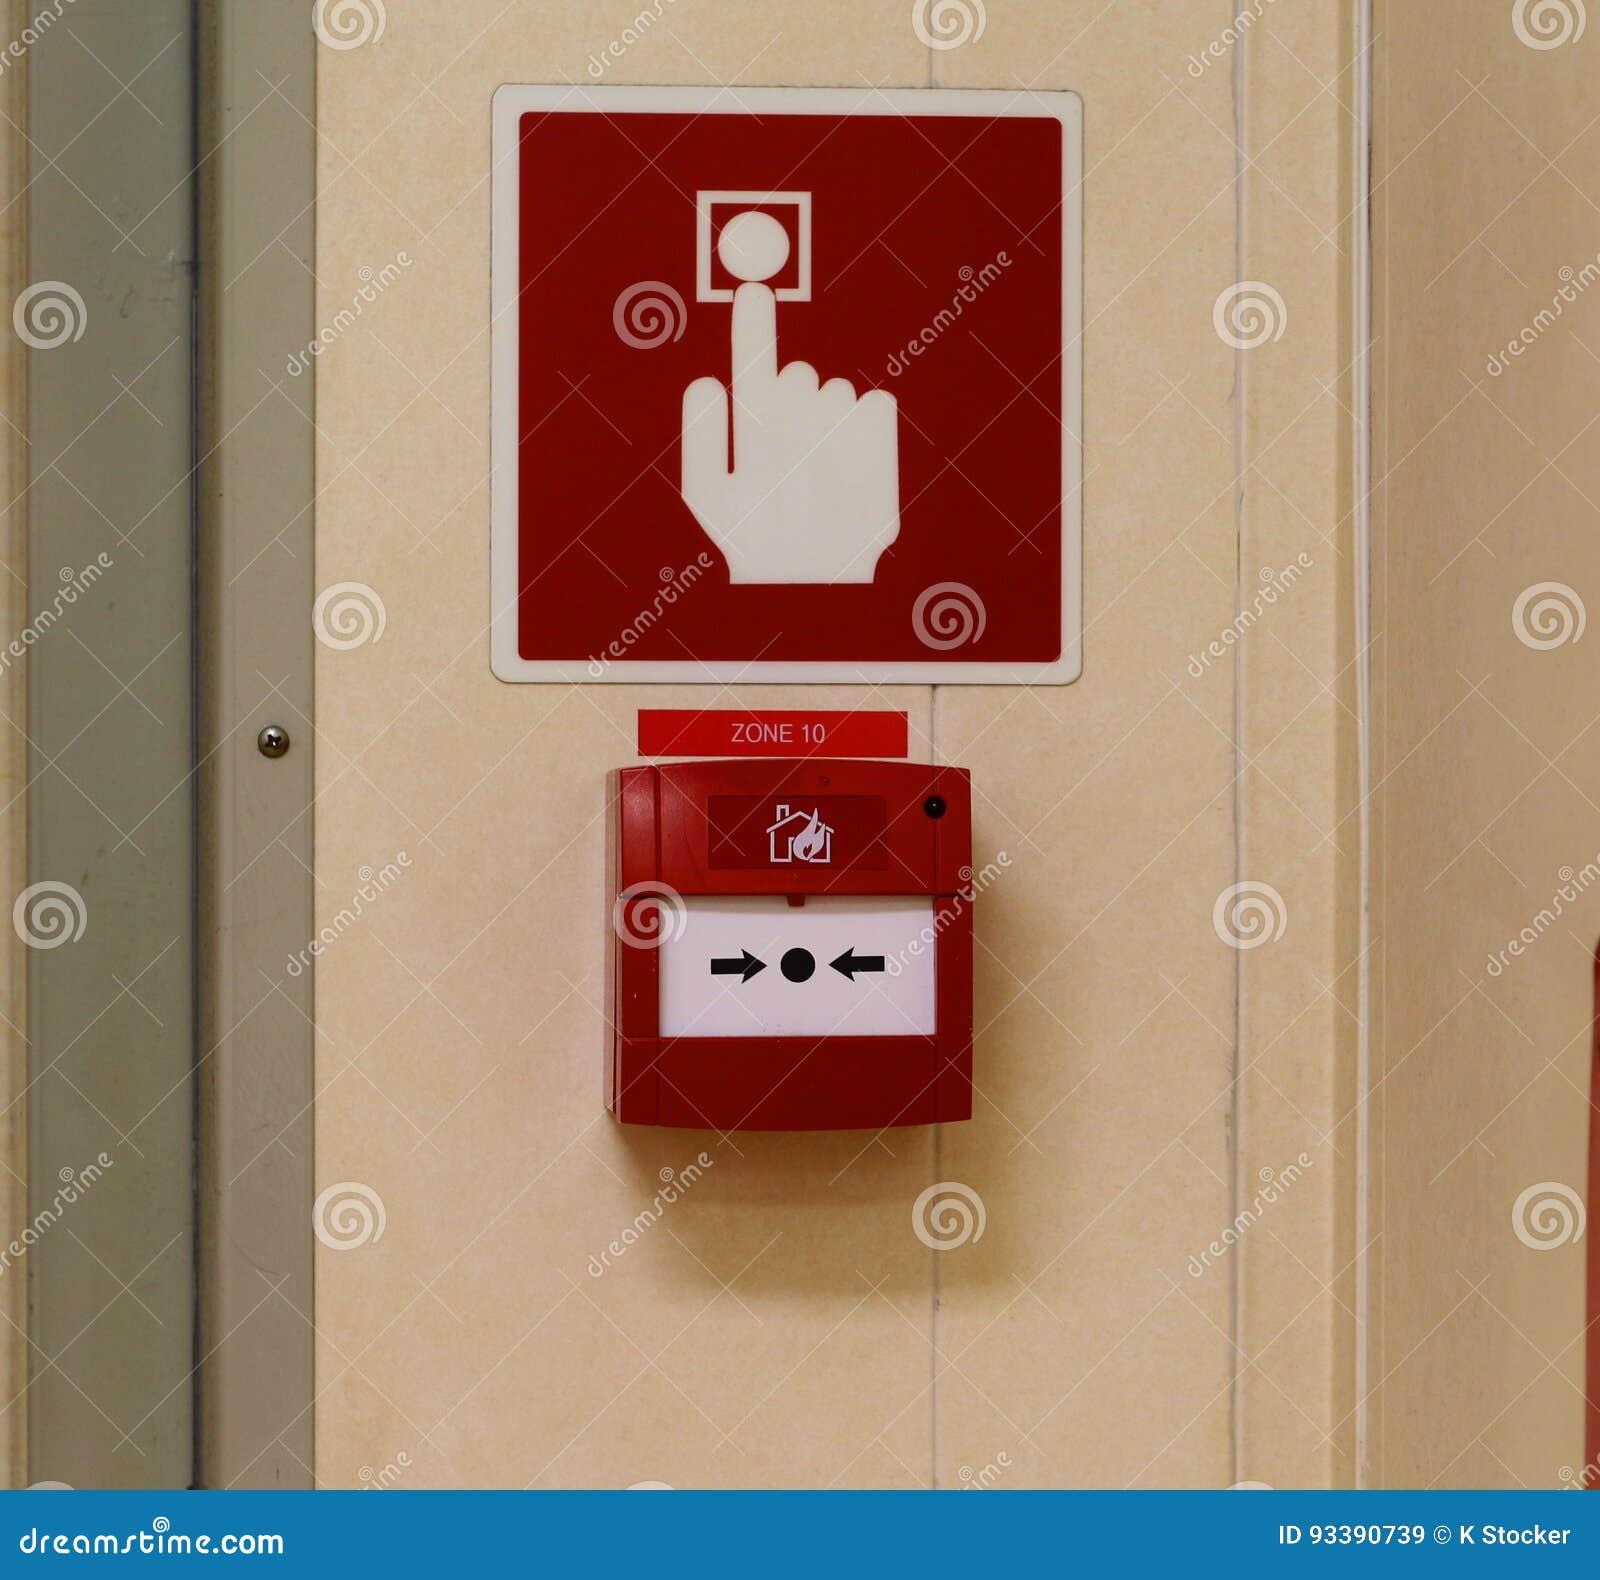 Feuermelder, Notdruckknöpfe, Signal, jeder zu alarmieren